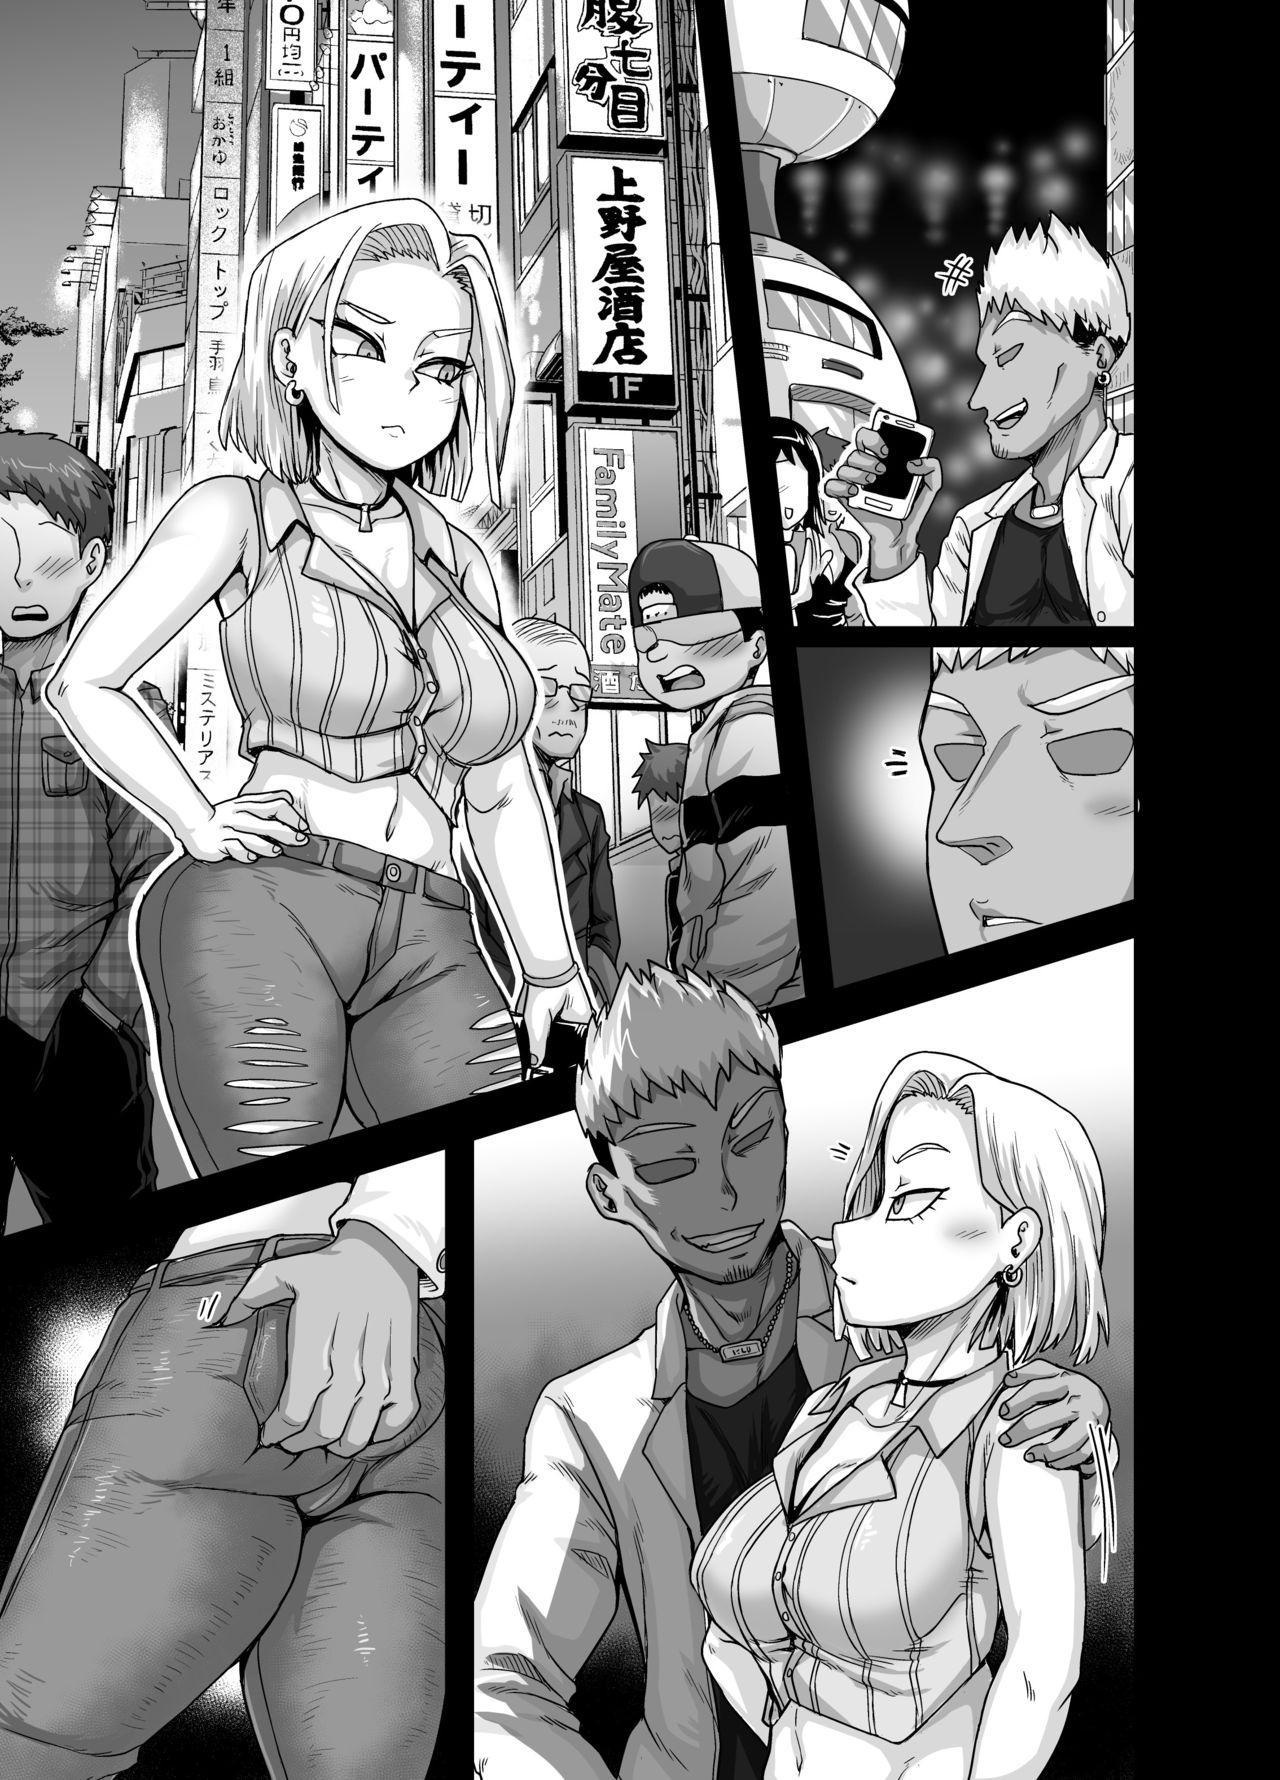 性欲に勝てないオンナ(人造人間)+ フルカラー4ページ漫画(ラフタリア&ツナデ) 41